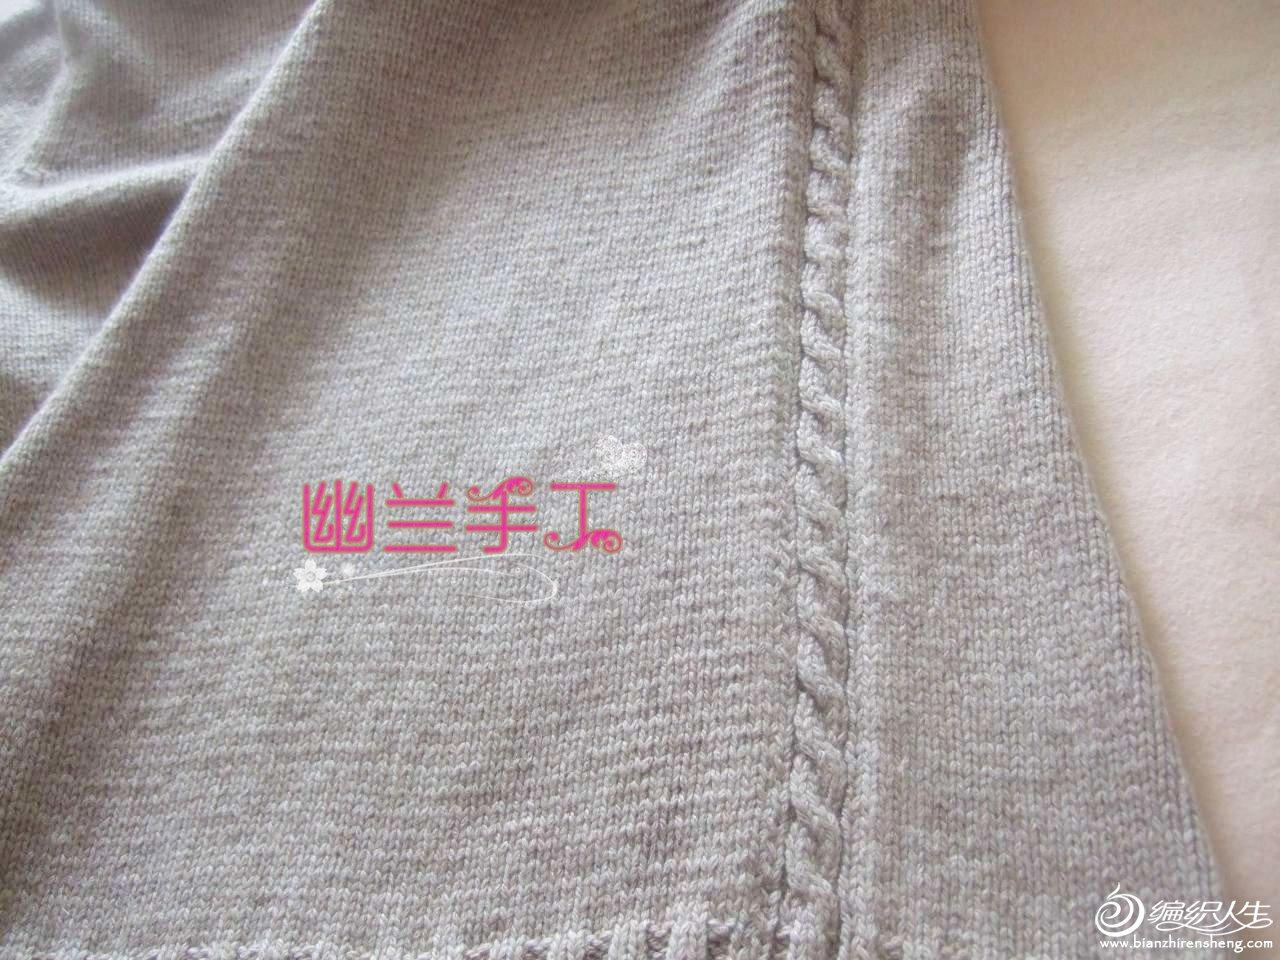 DSCF2490-1280_副本.jpg